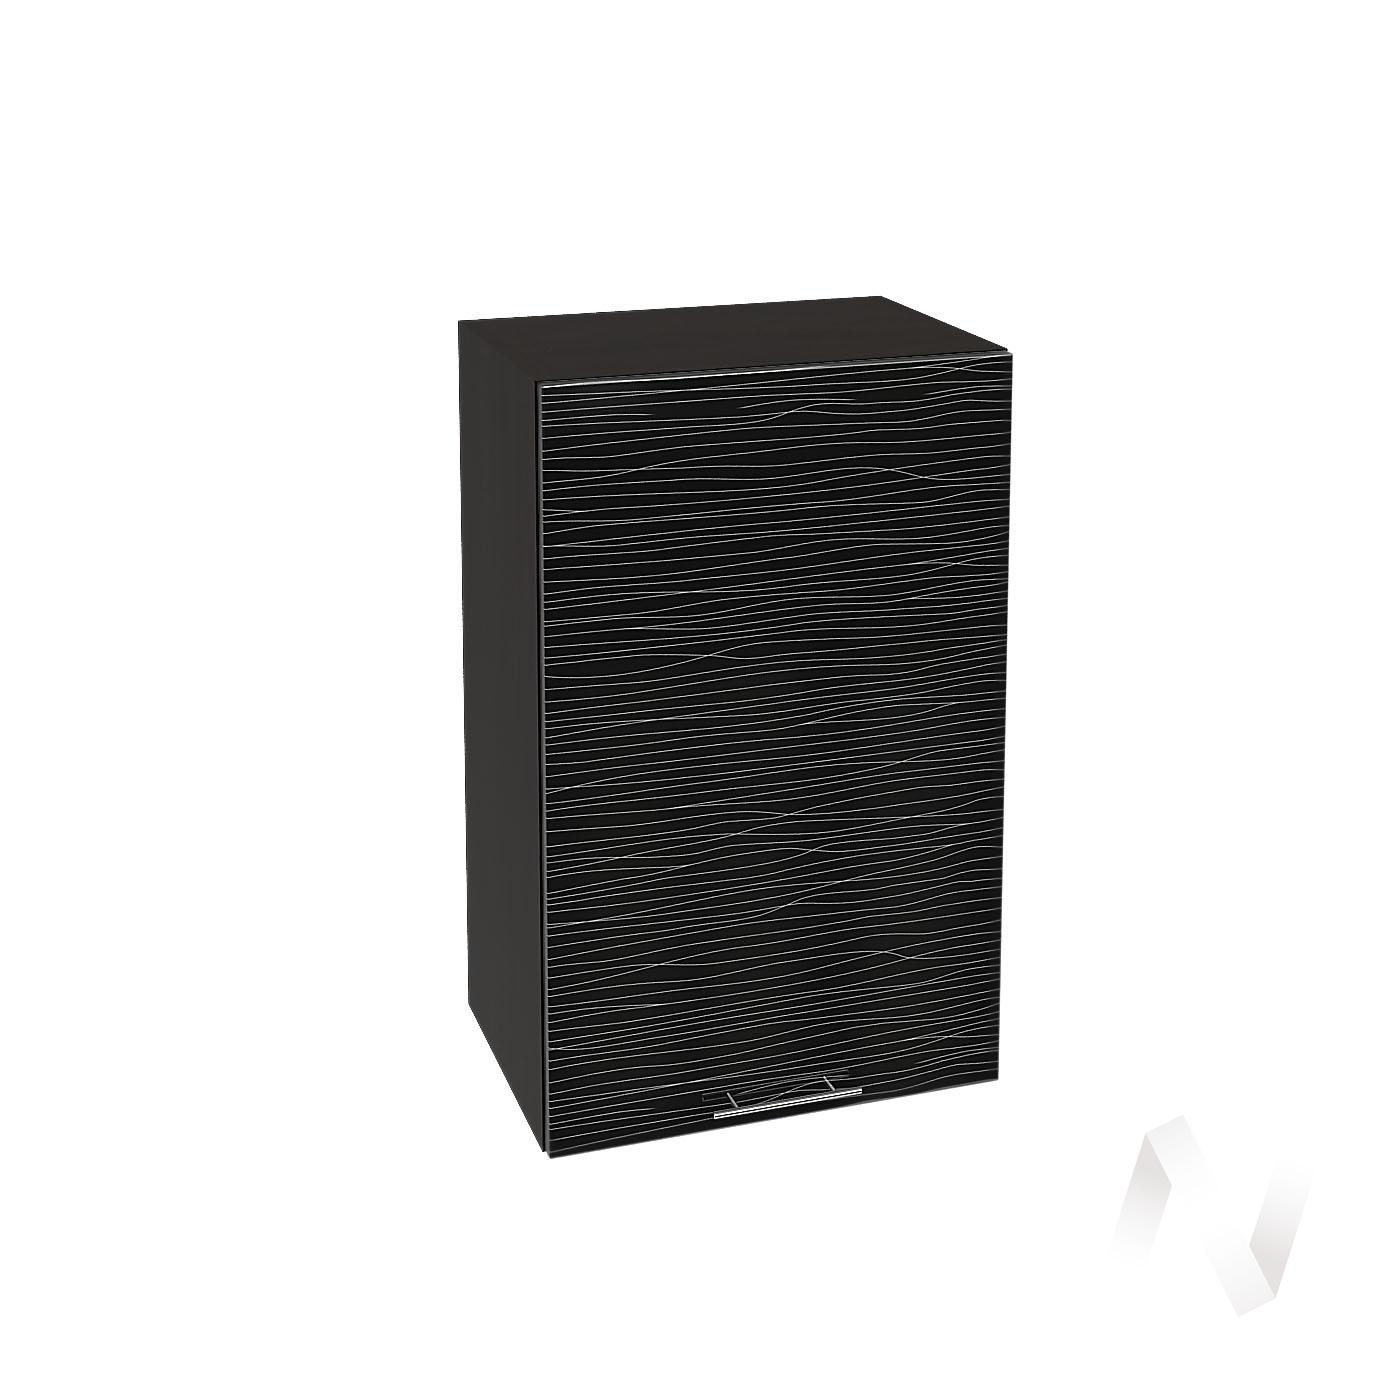 """Кухня """"Валерия-М"""": Шкаф верхний 450, ШВ 450 (Страйп черный/корпус венге)"""